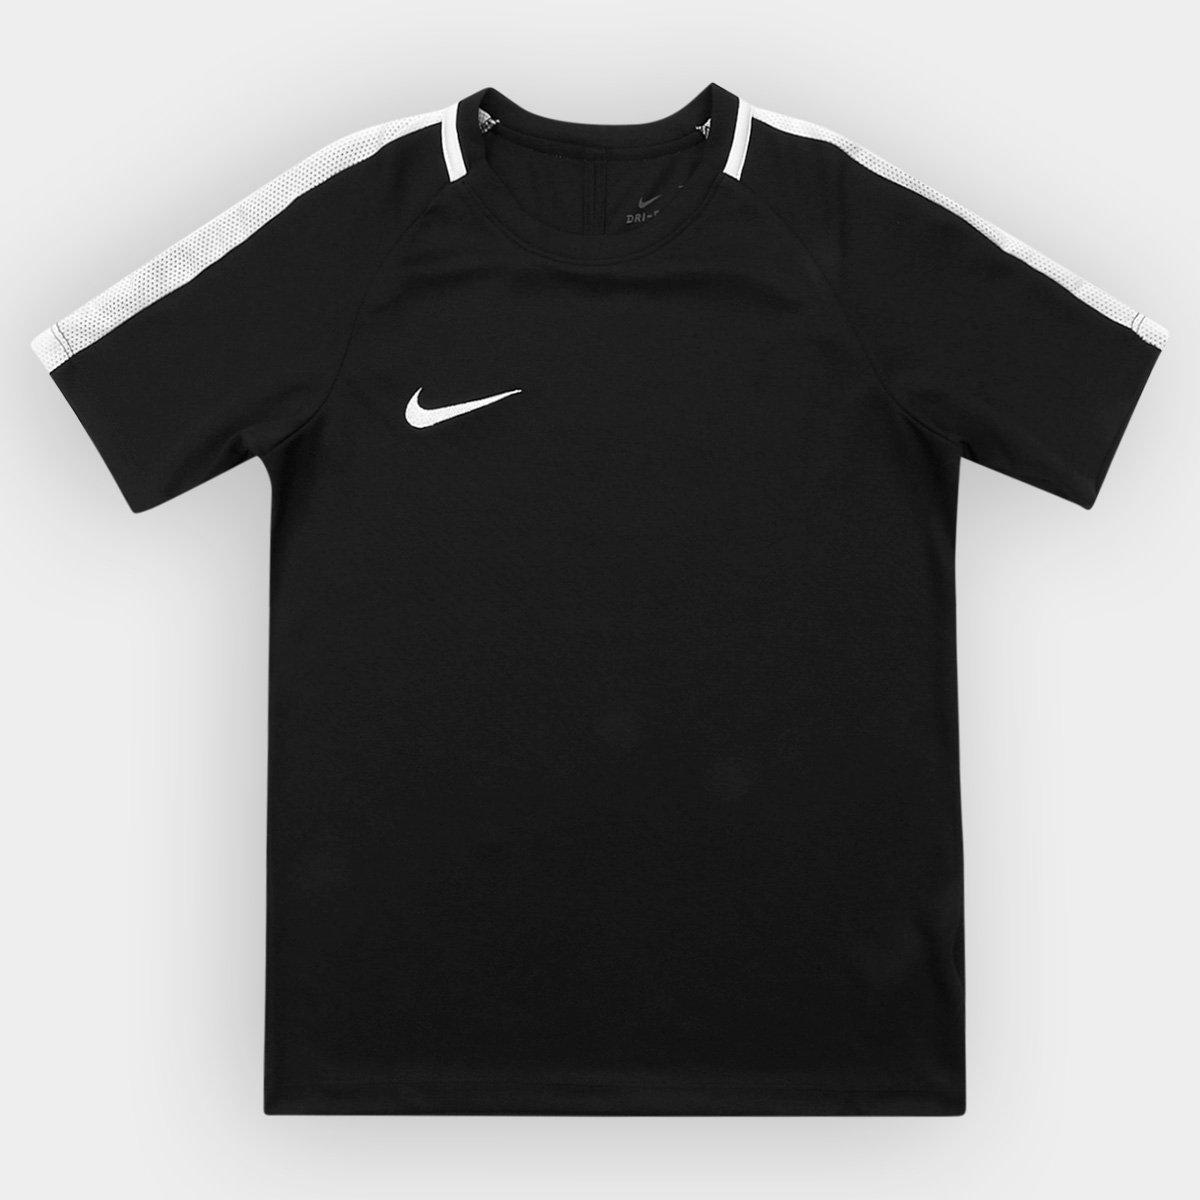 b2f138152c487 Camisa Infantil Nike Dry Academy SS - Preto e Branco - Compre Agora ...